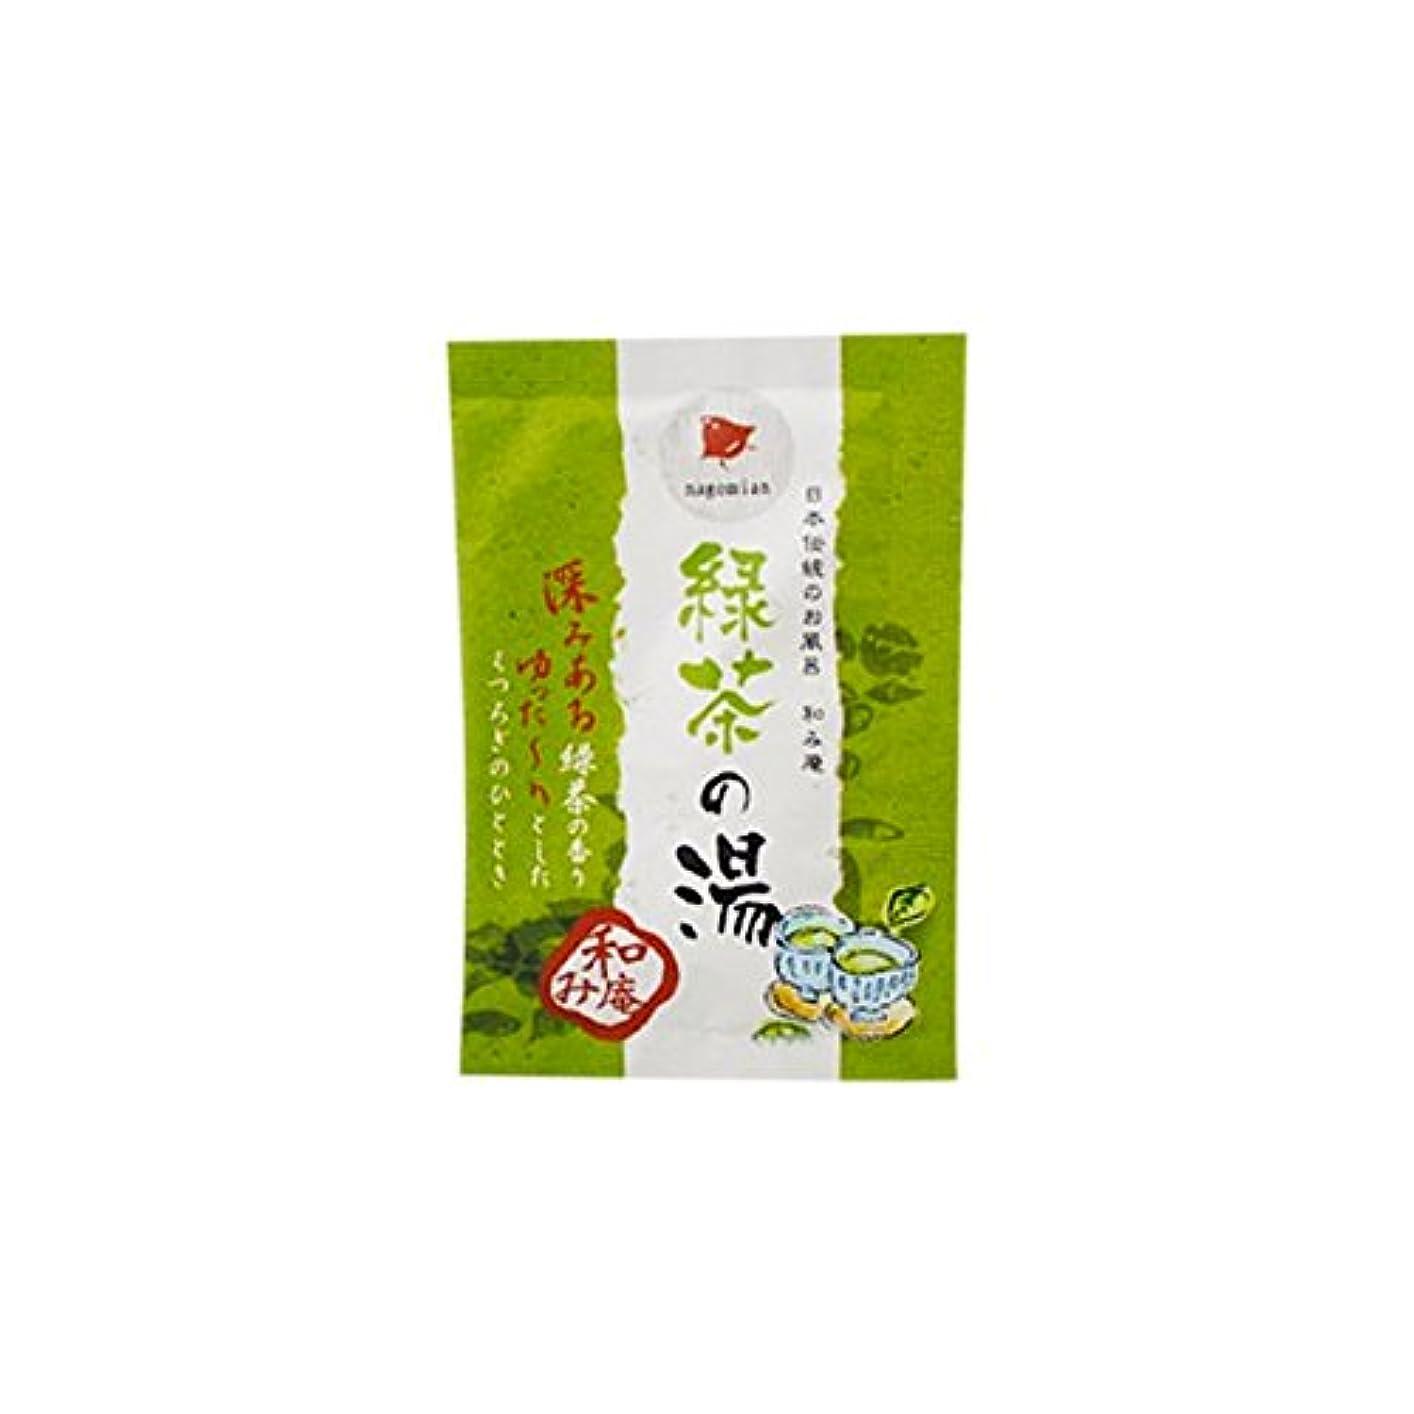 アルネ識字正確に和み庵 入浴剤 「緑茶の湯」30個